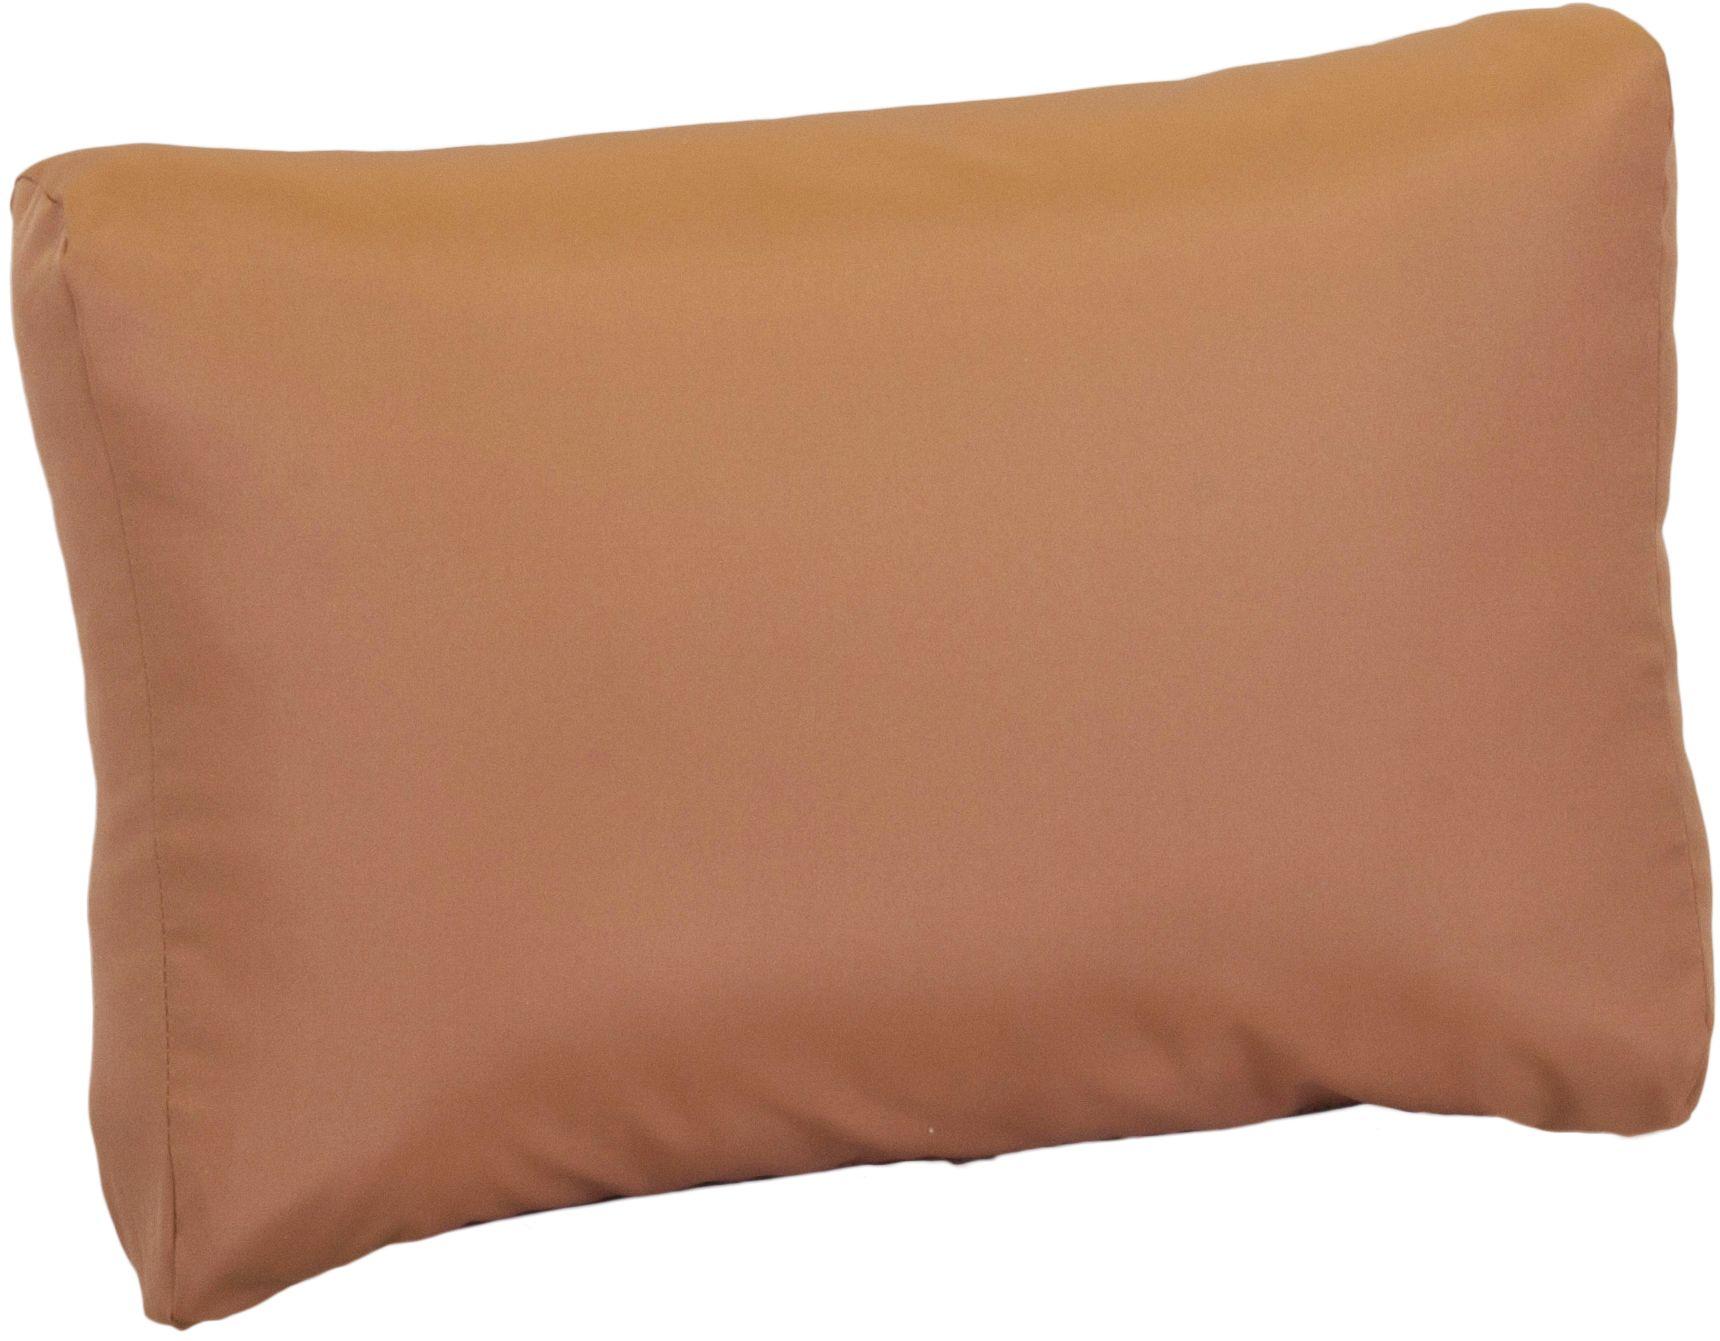 Auflage Rückenkissen für Palettensofas ca. 60 x 40 cm aus wasserabweisendem 100% Polyester in sand